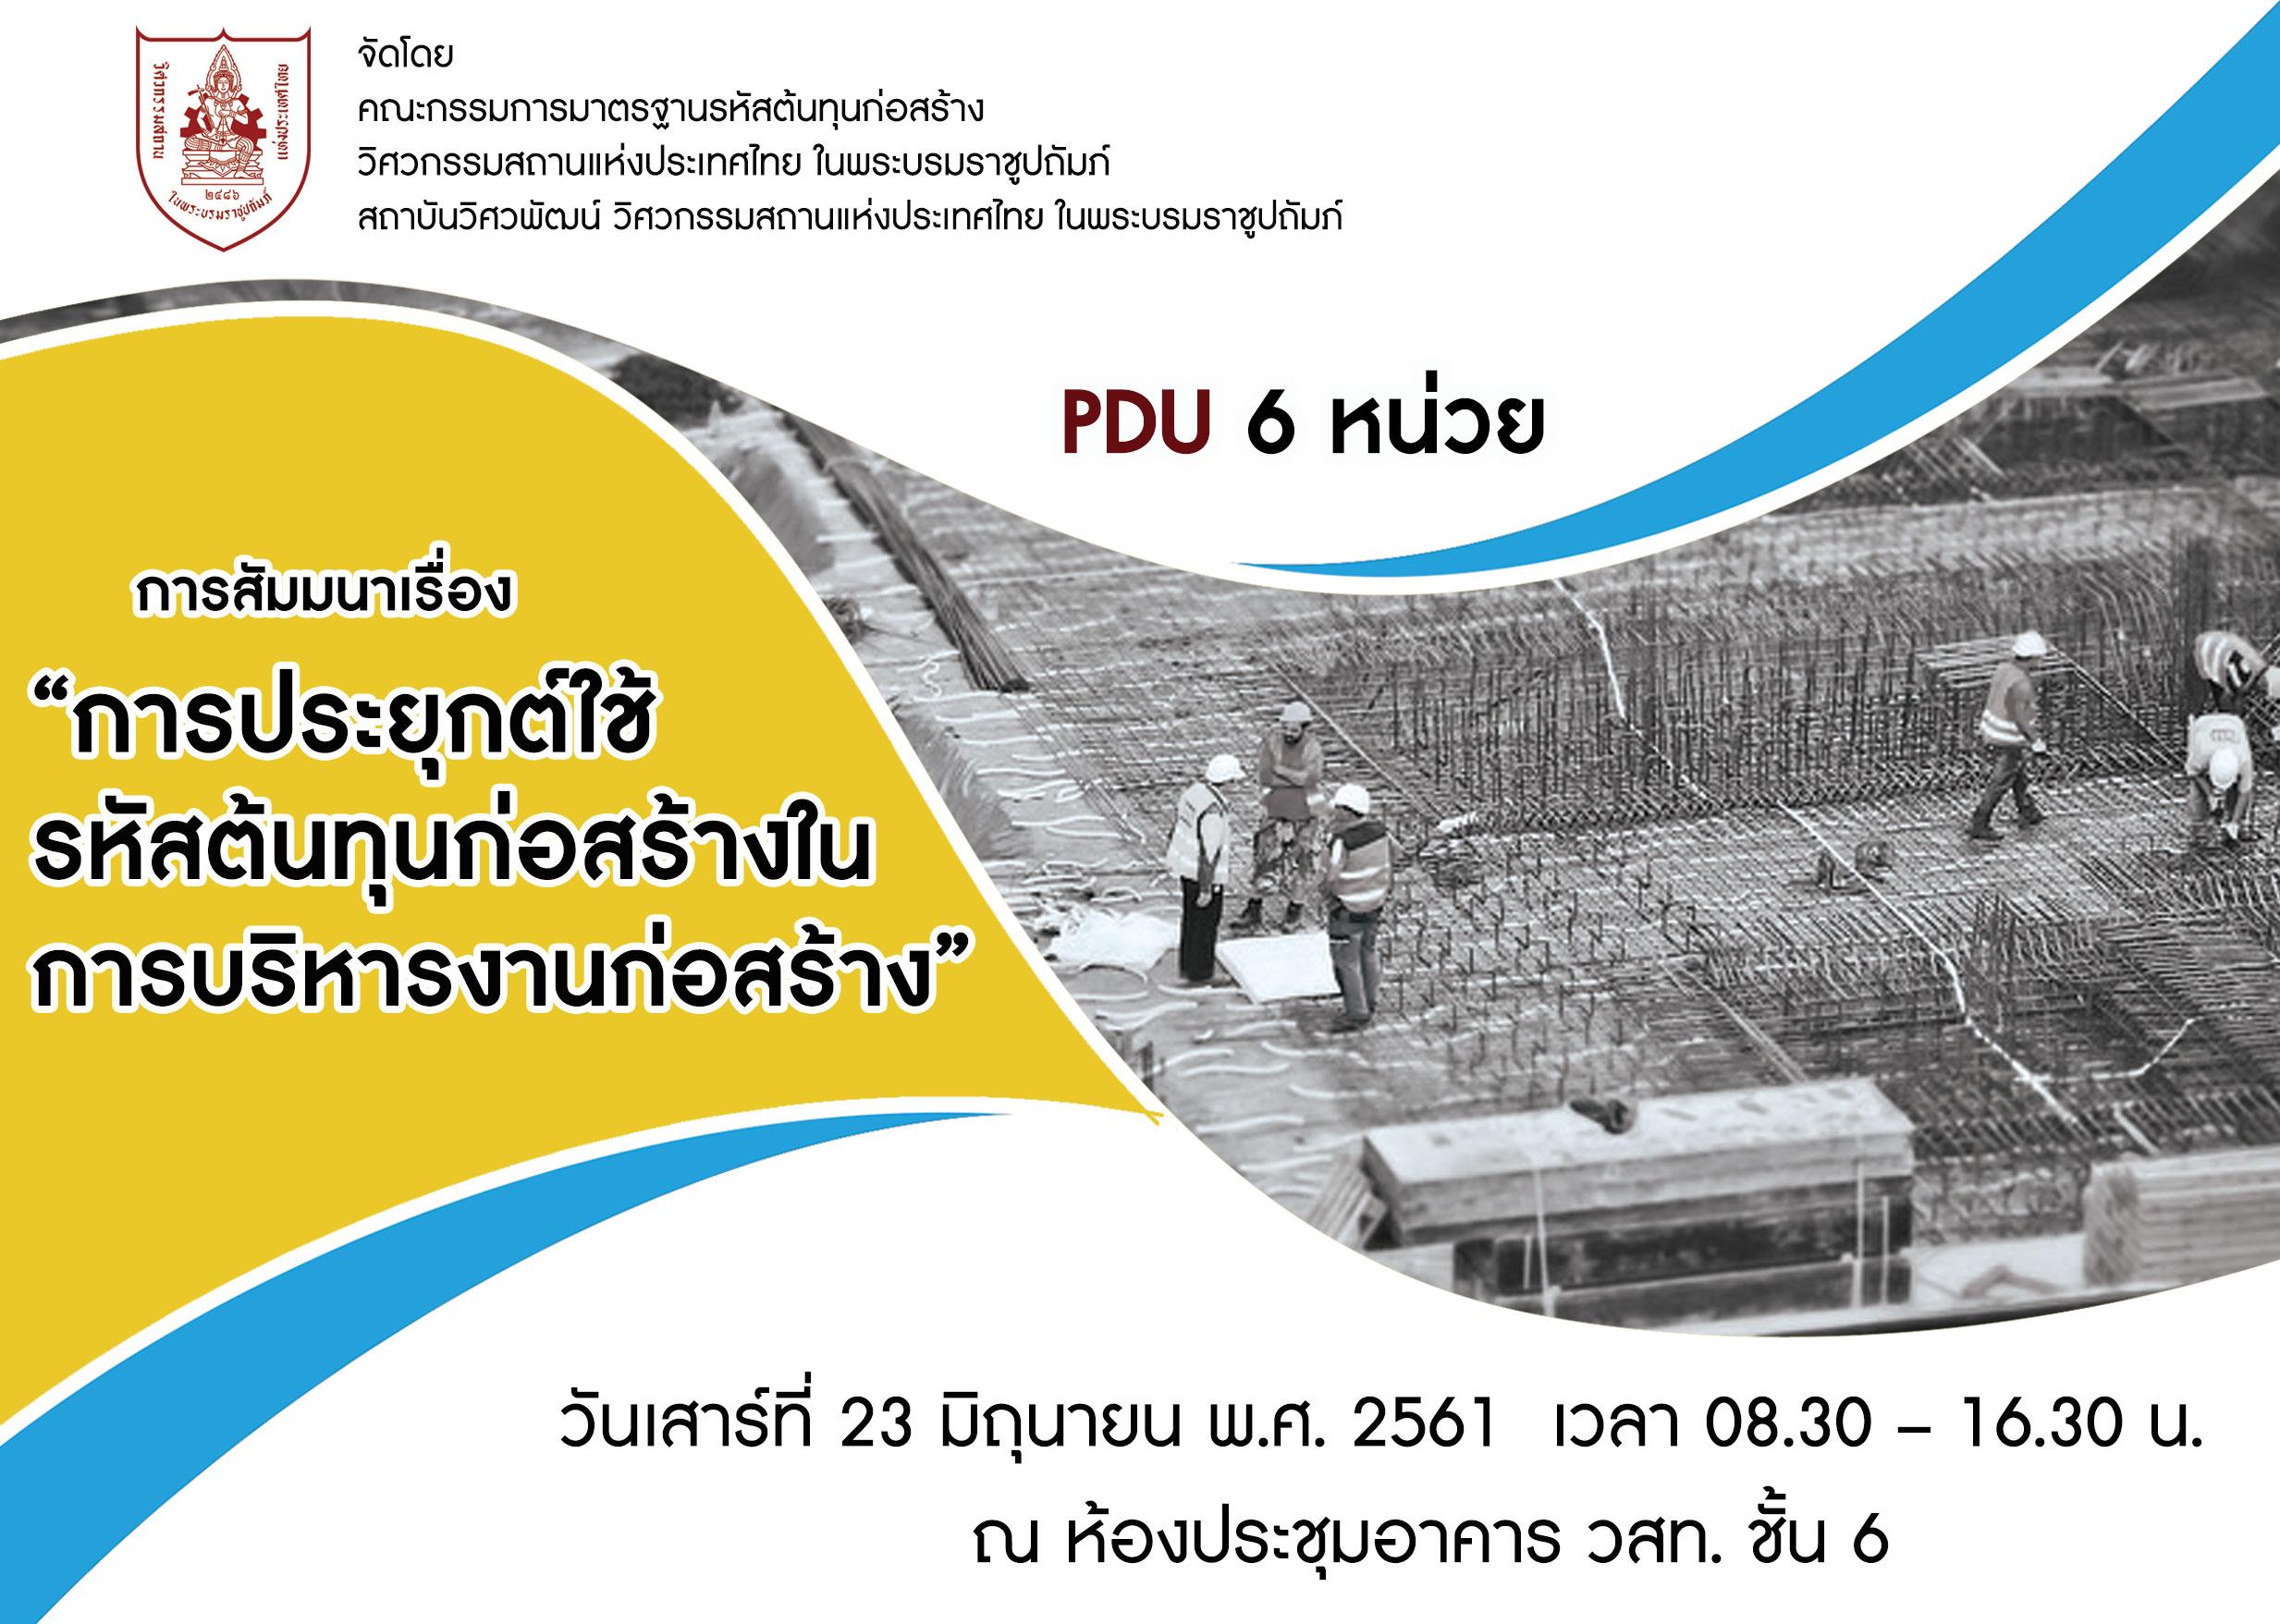 23-06-18 การประยุกต์ใช้รหัสต้นทุนก่อสร้างในการบริหารงานก่อสร้าง